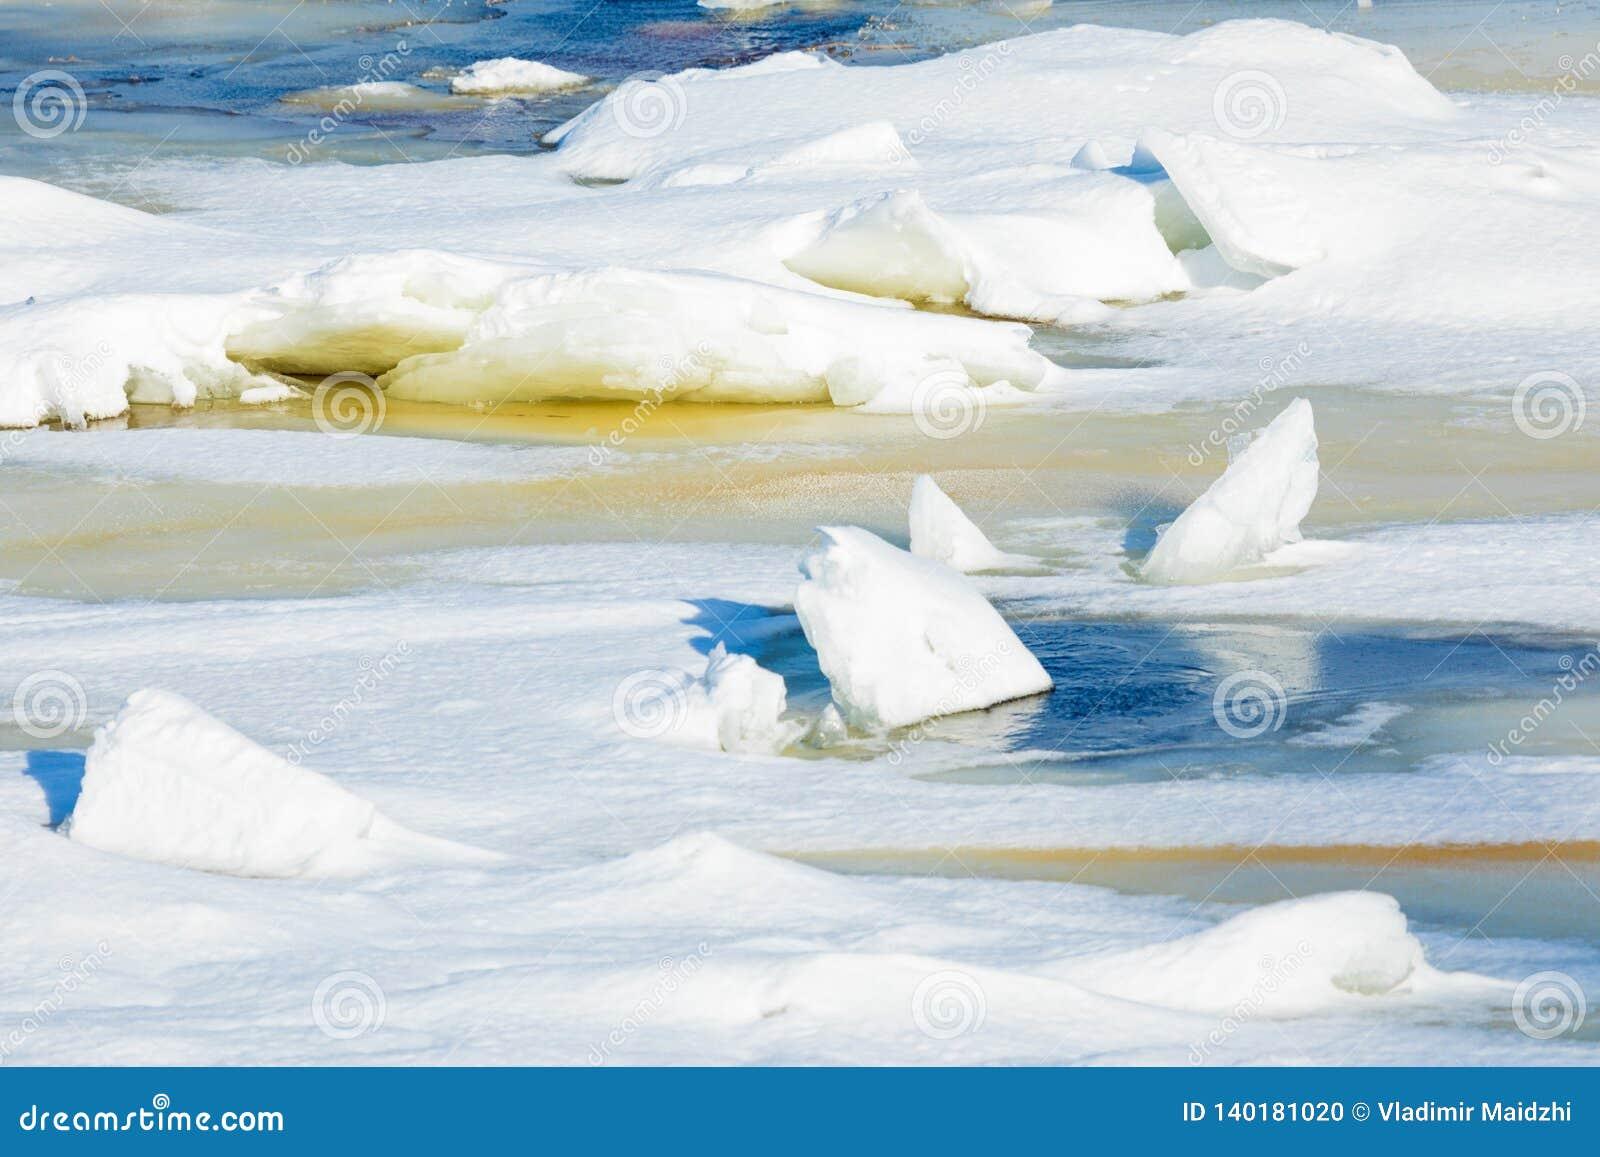 Торошения и дрейфующие льды на реке зимы